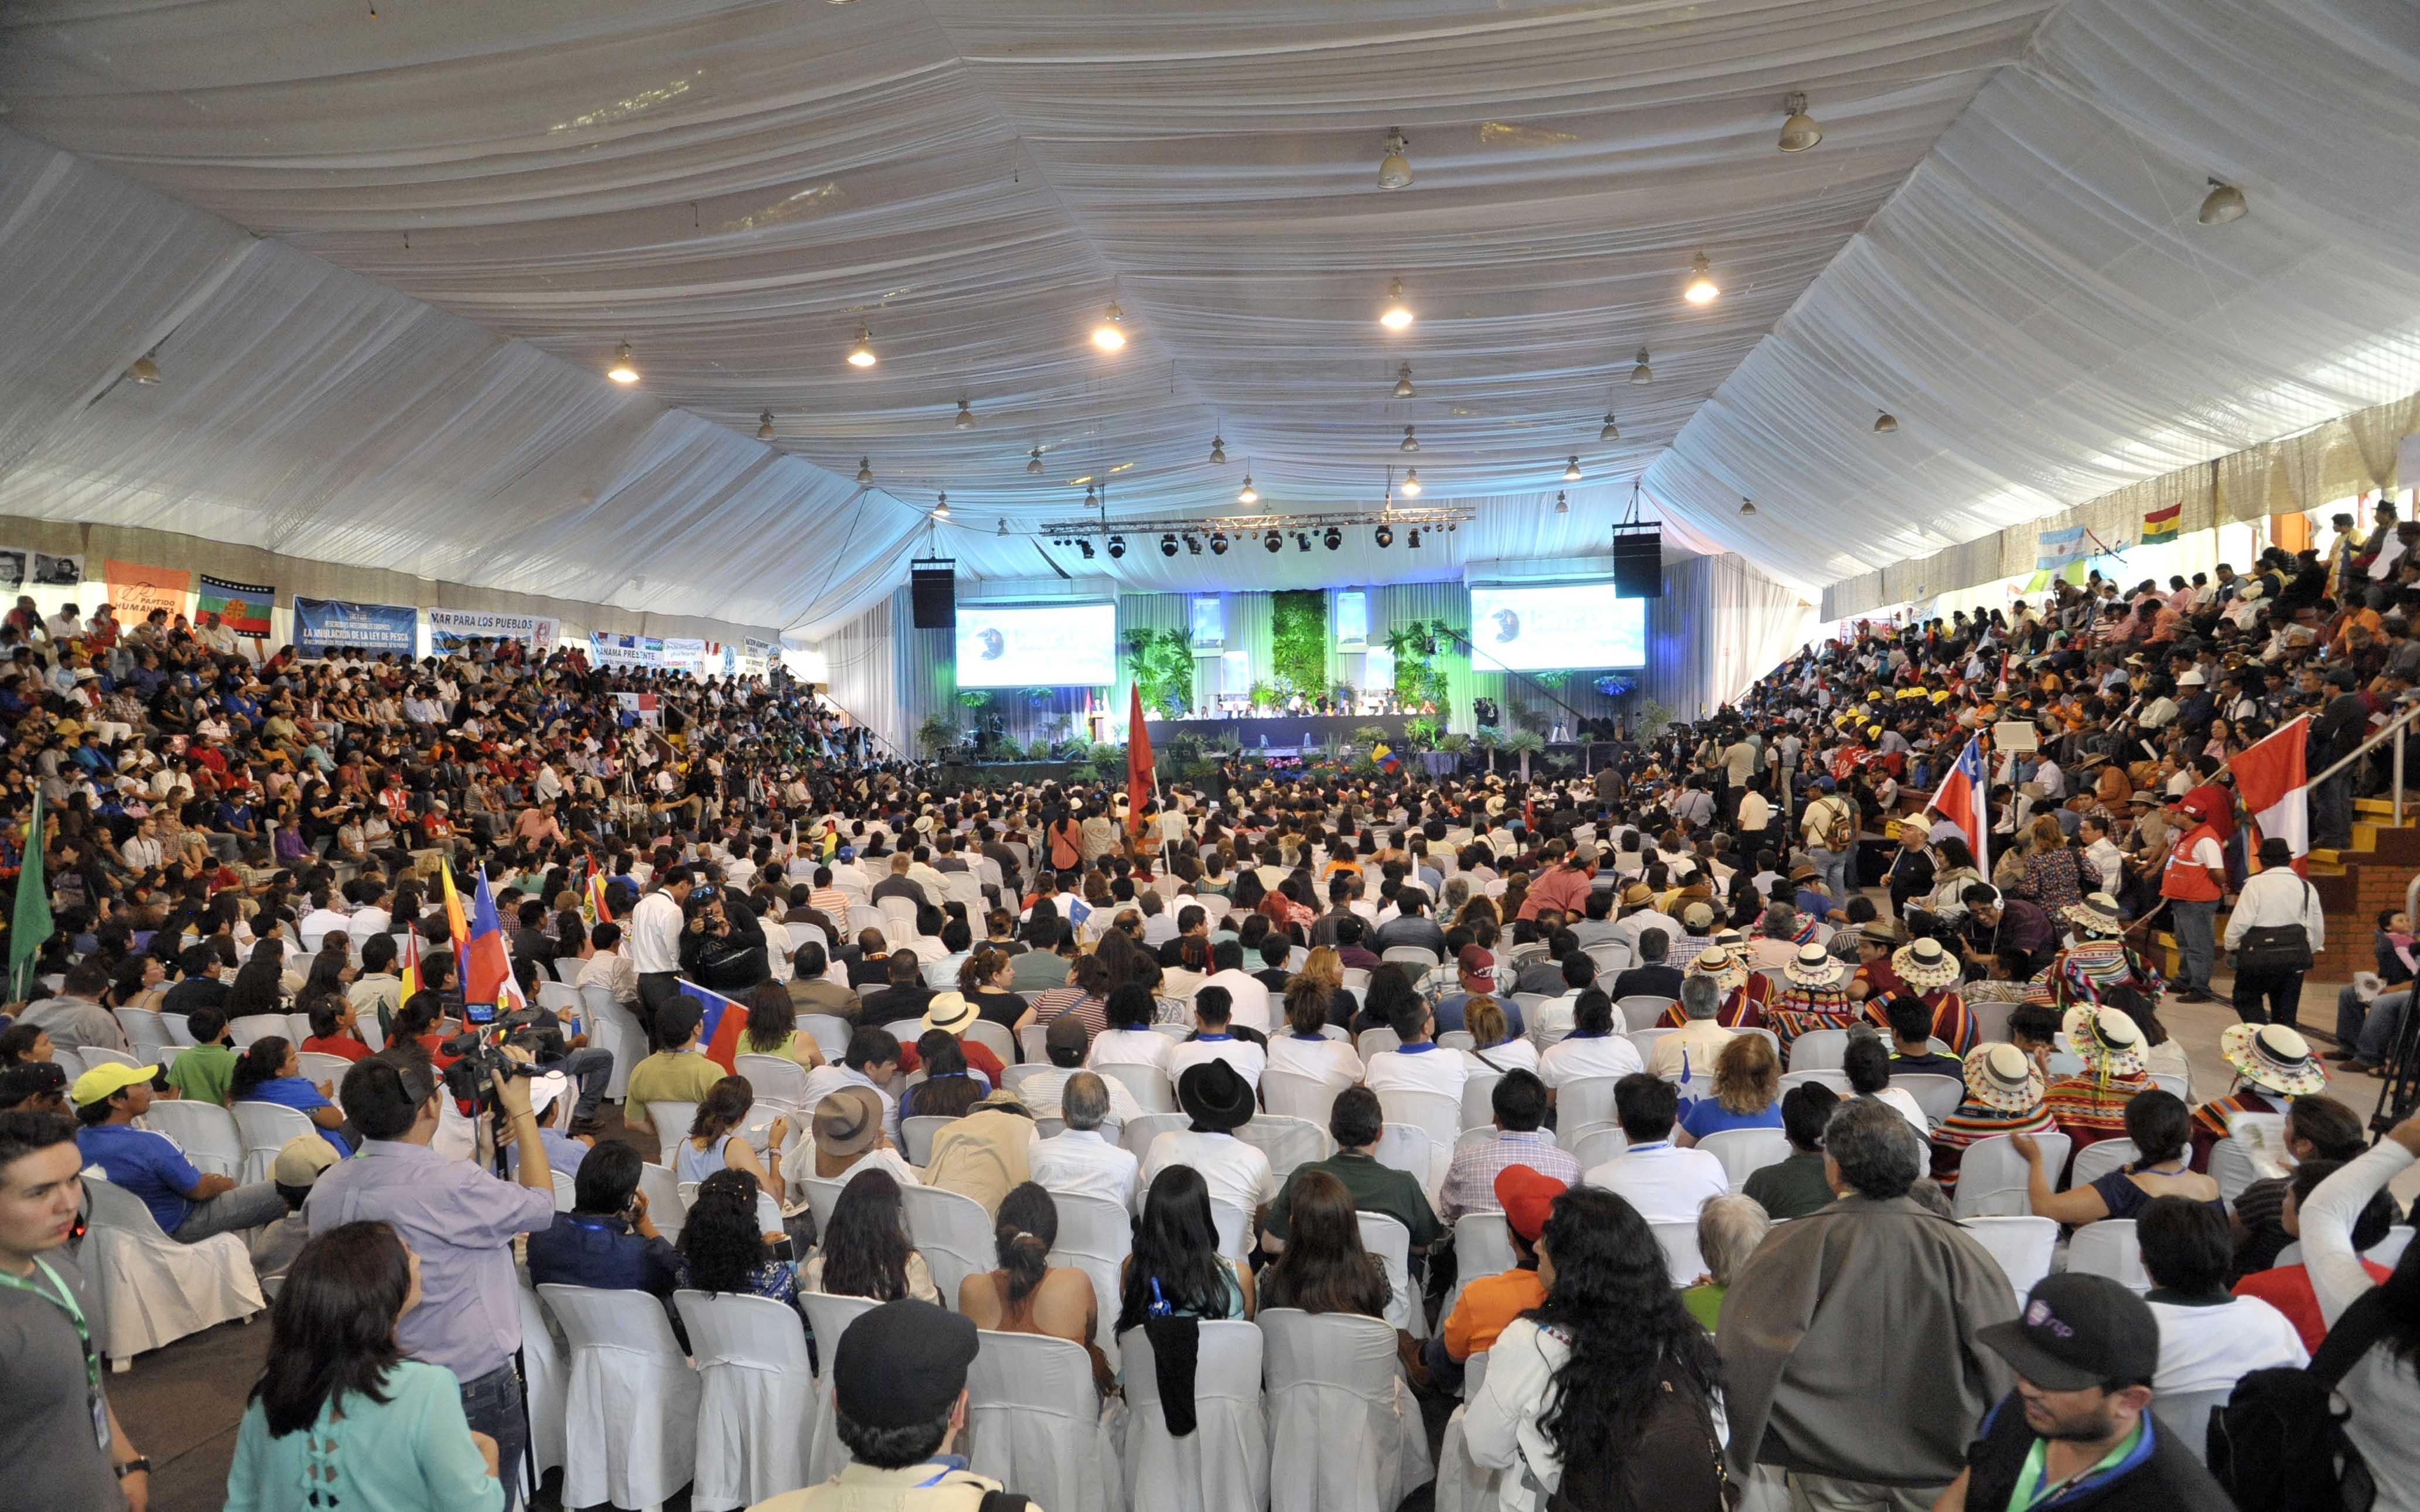 10 octubre 2015, Tiquipaya, Cochabamba, Bolivia.- El presidente Evo Morales, junto al Ministro de relaciones exteriores, Laurent Fabius y autoridades internacionales, inauguran la II Conferencia Mundial de los Pueblos sobre Cambio Climatico y Defensa de la Madre Tierra. (Fotos: Freddy Zarco)